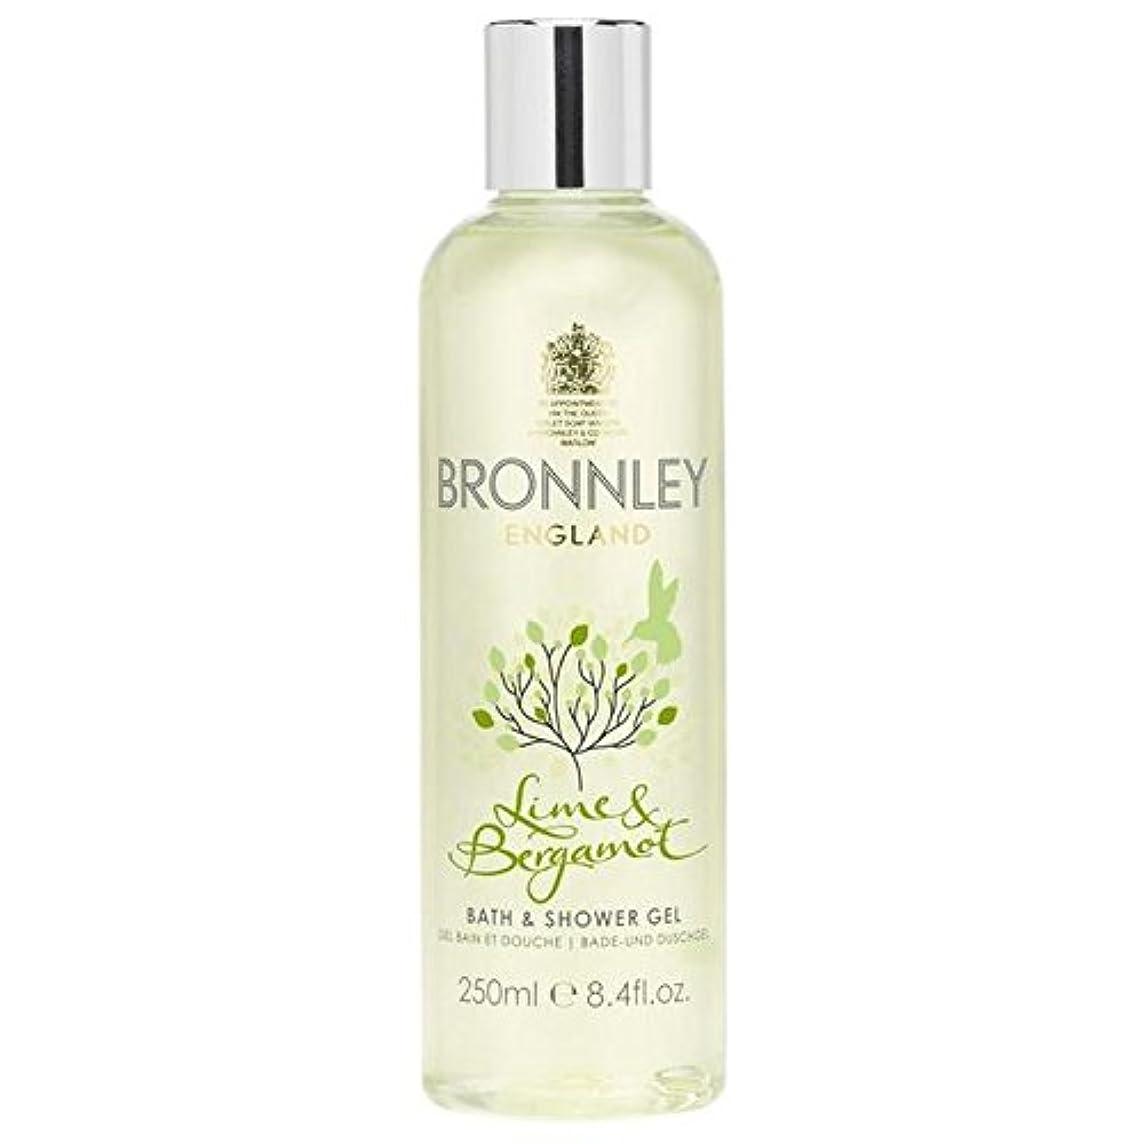 事実肥満コーンBronnley Lime & Bergamot Bath & Shower Gel 250ml - ライム&ベルガモットバス&シャワージェル250ミリリットル [並行輸入品]